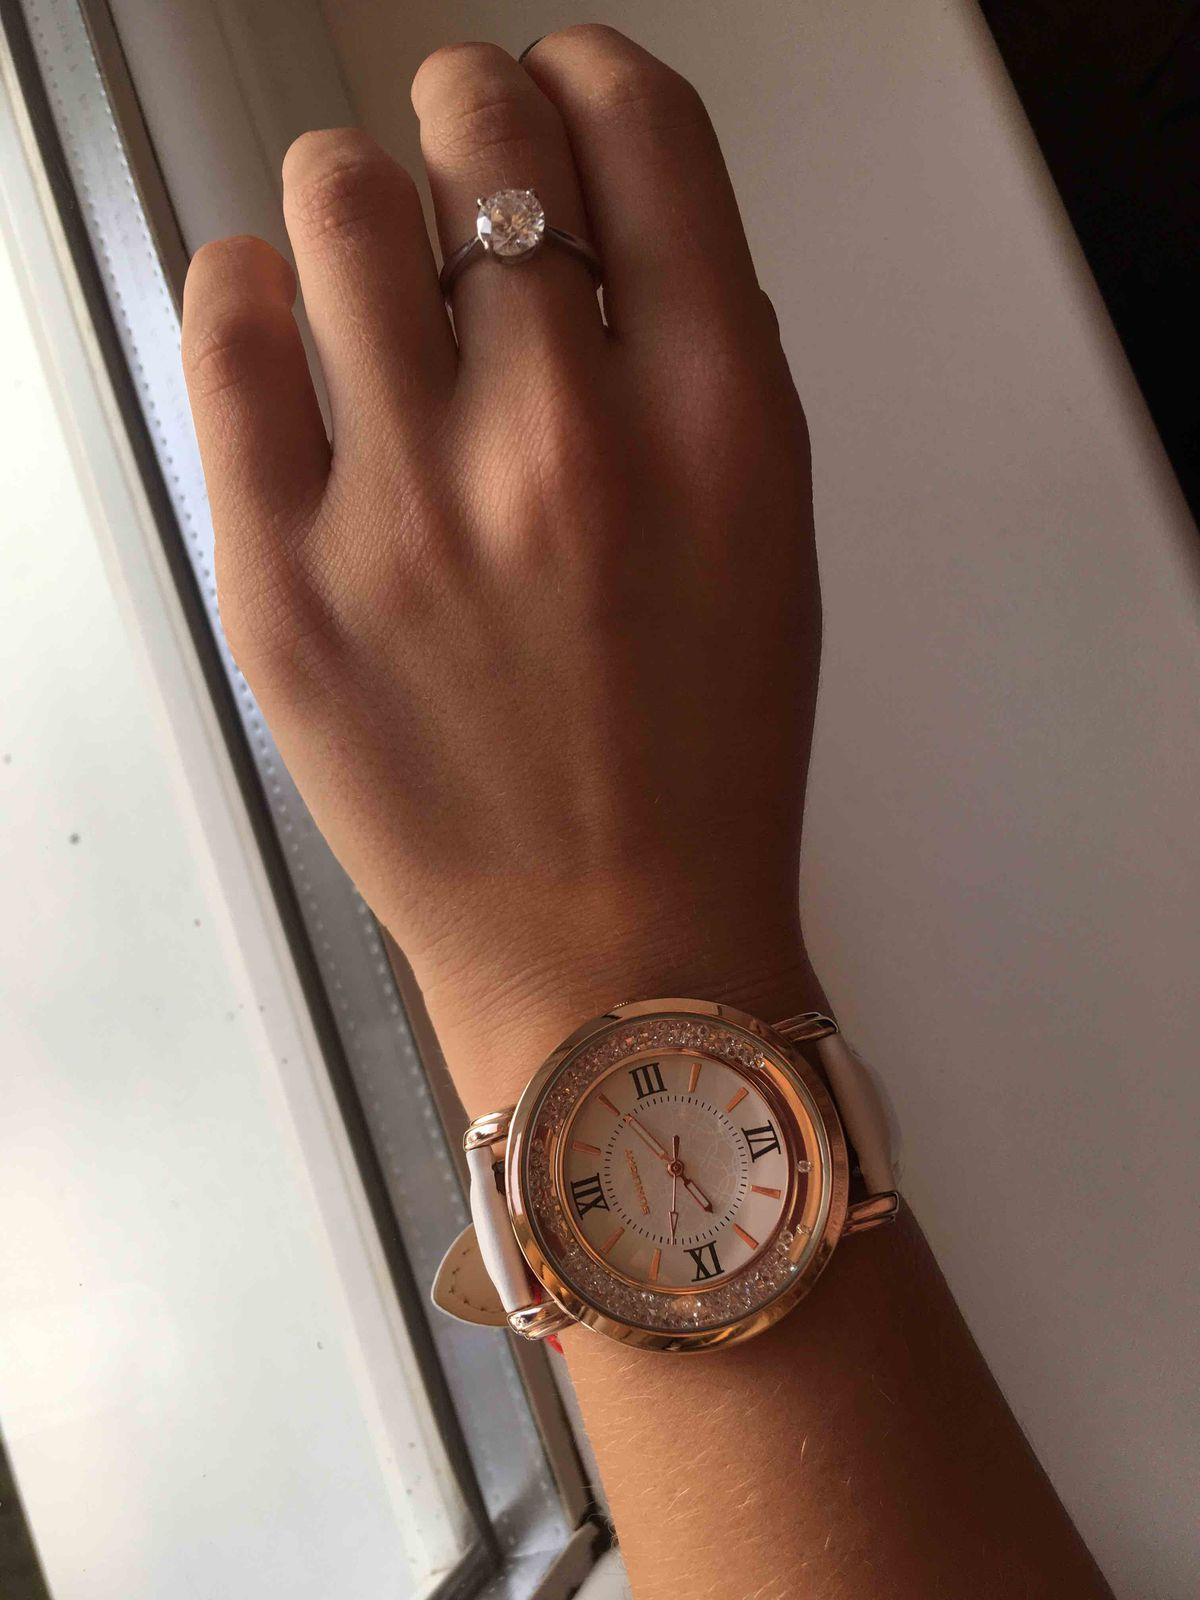 Ослепительные часы за небольшую стоимость!